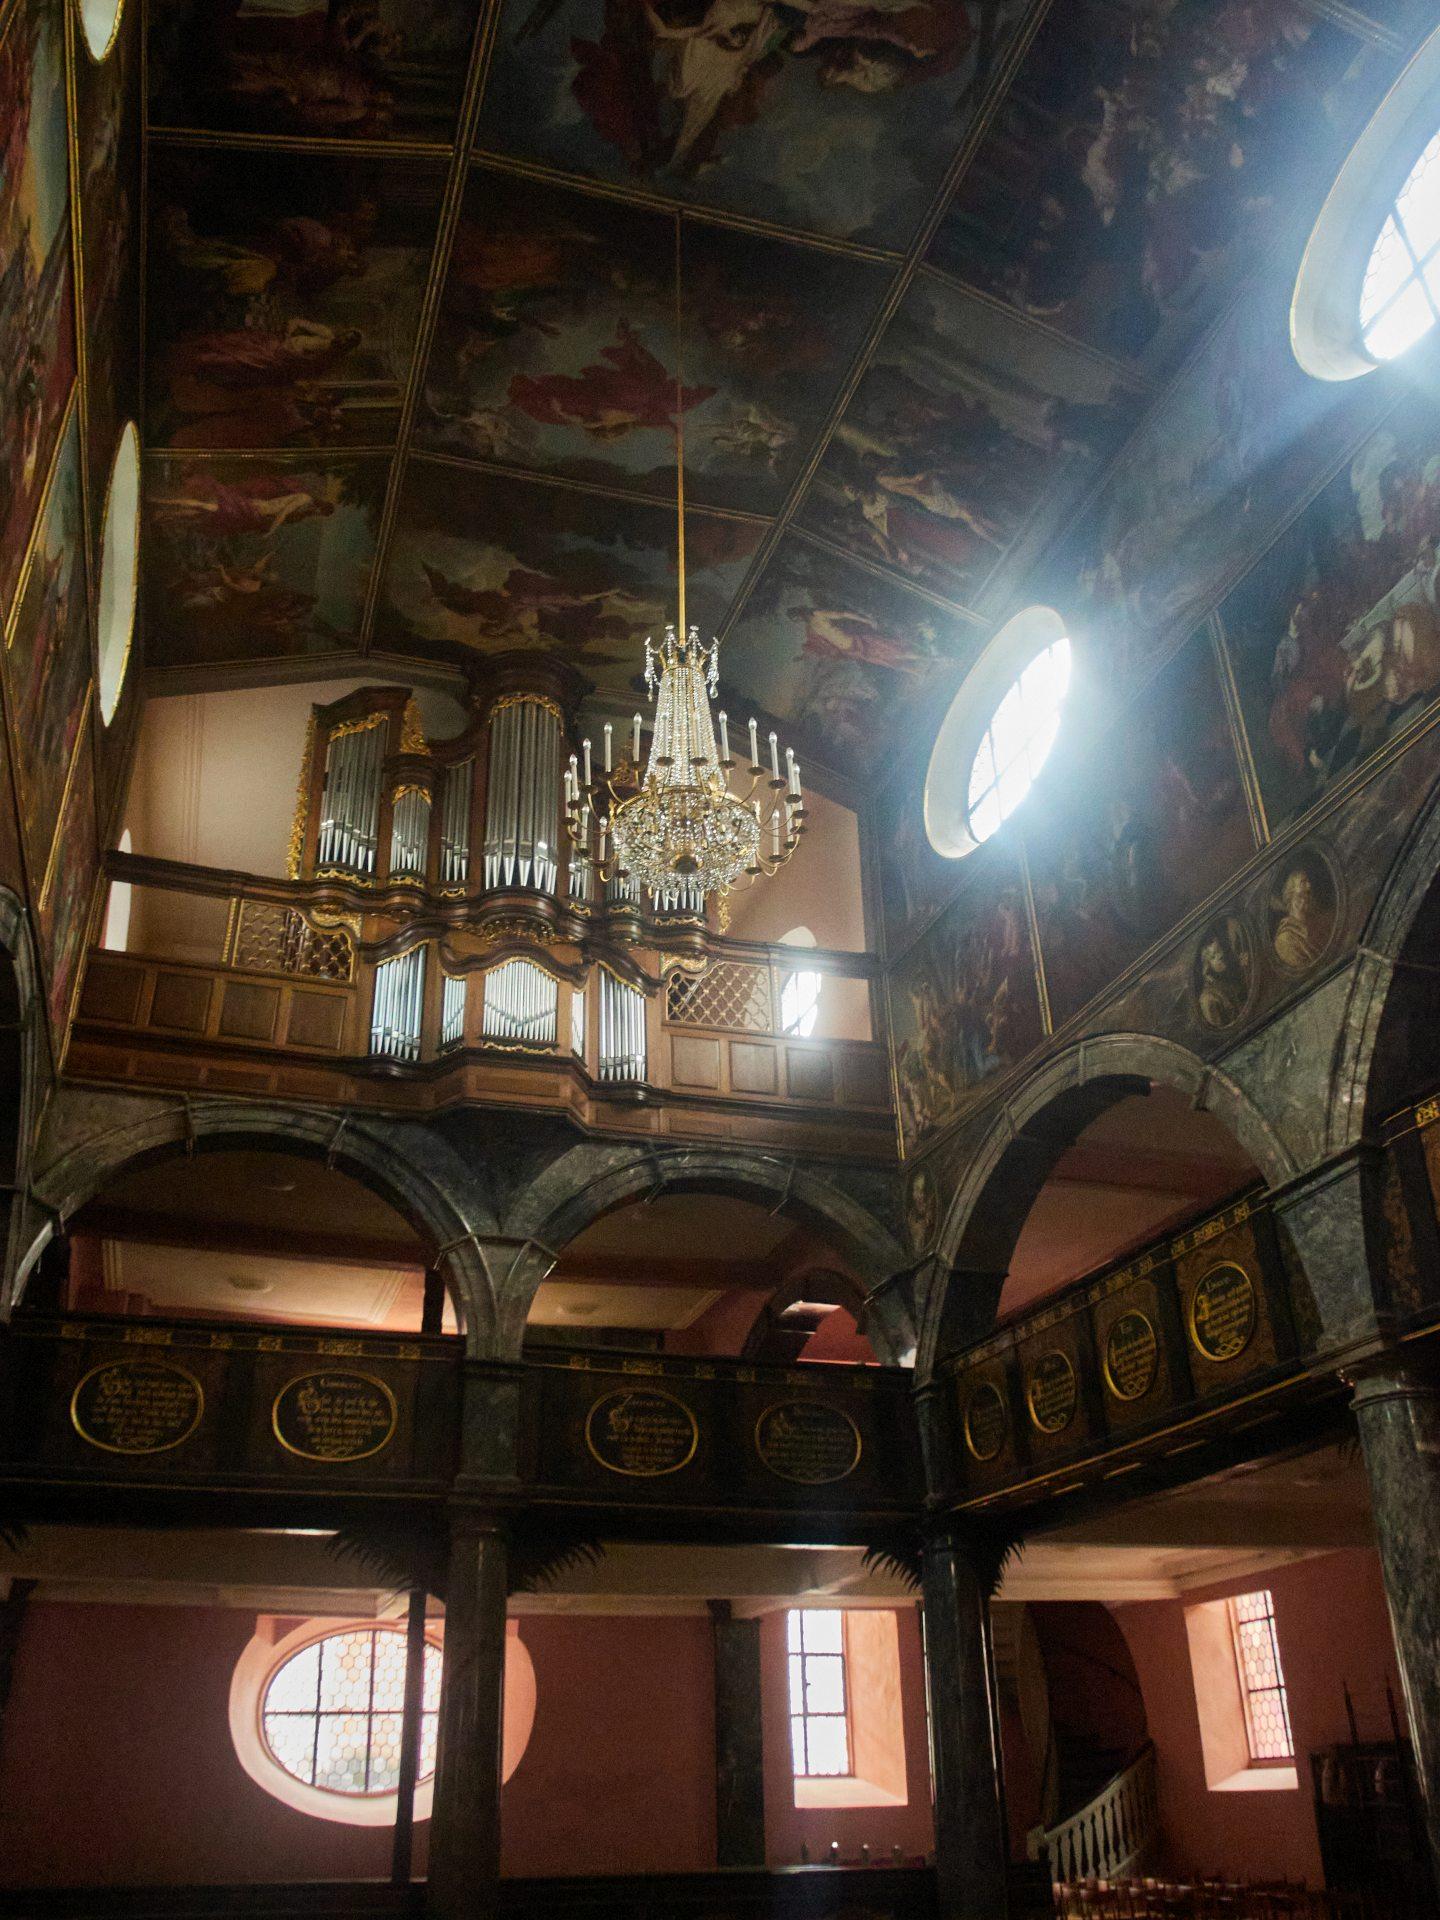 Orgel der Unionskirche — Die meisten der großen Bilder malten Michael Angelo Immenraedt und sein Schüler Johannes Melchior Bencard aus Antwerpen mit Öl auf Leinwand